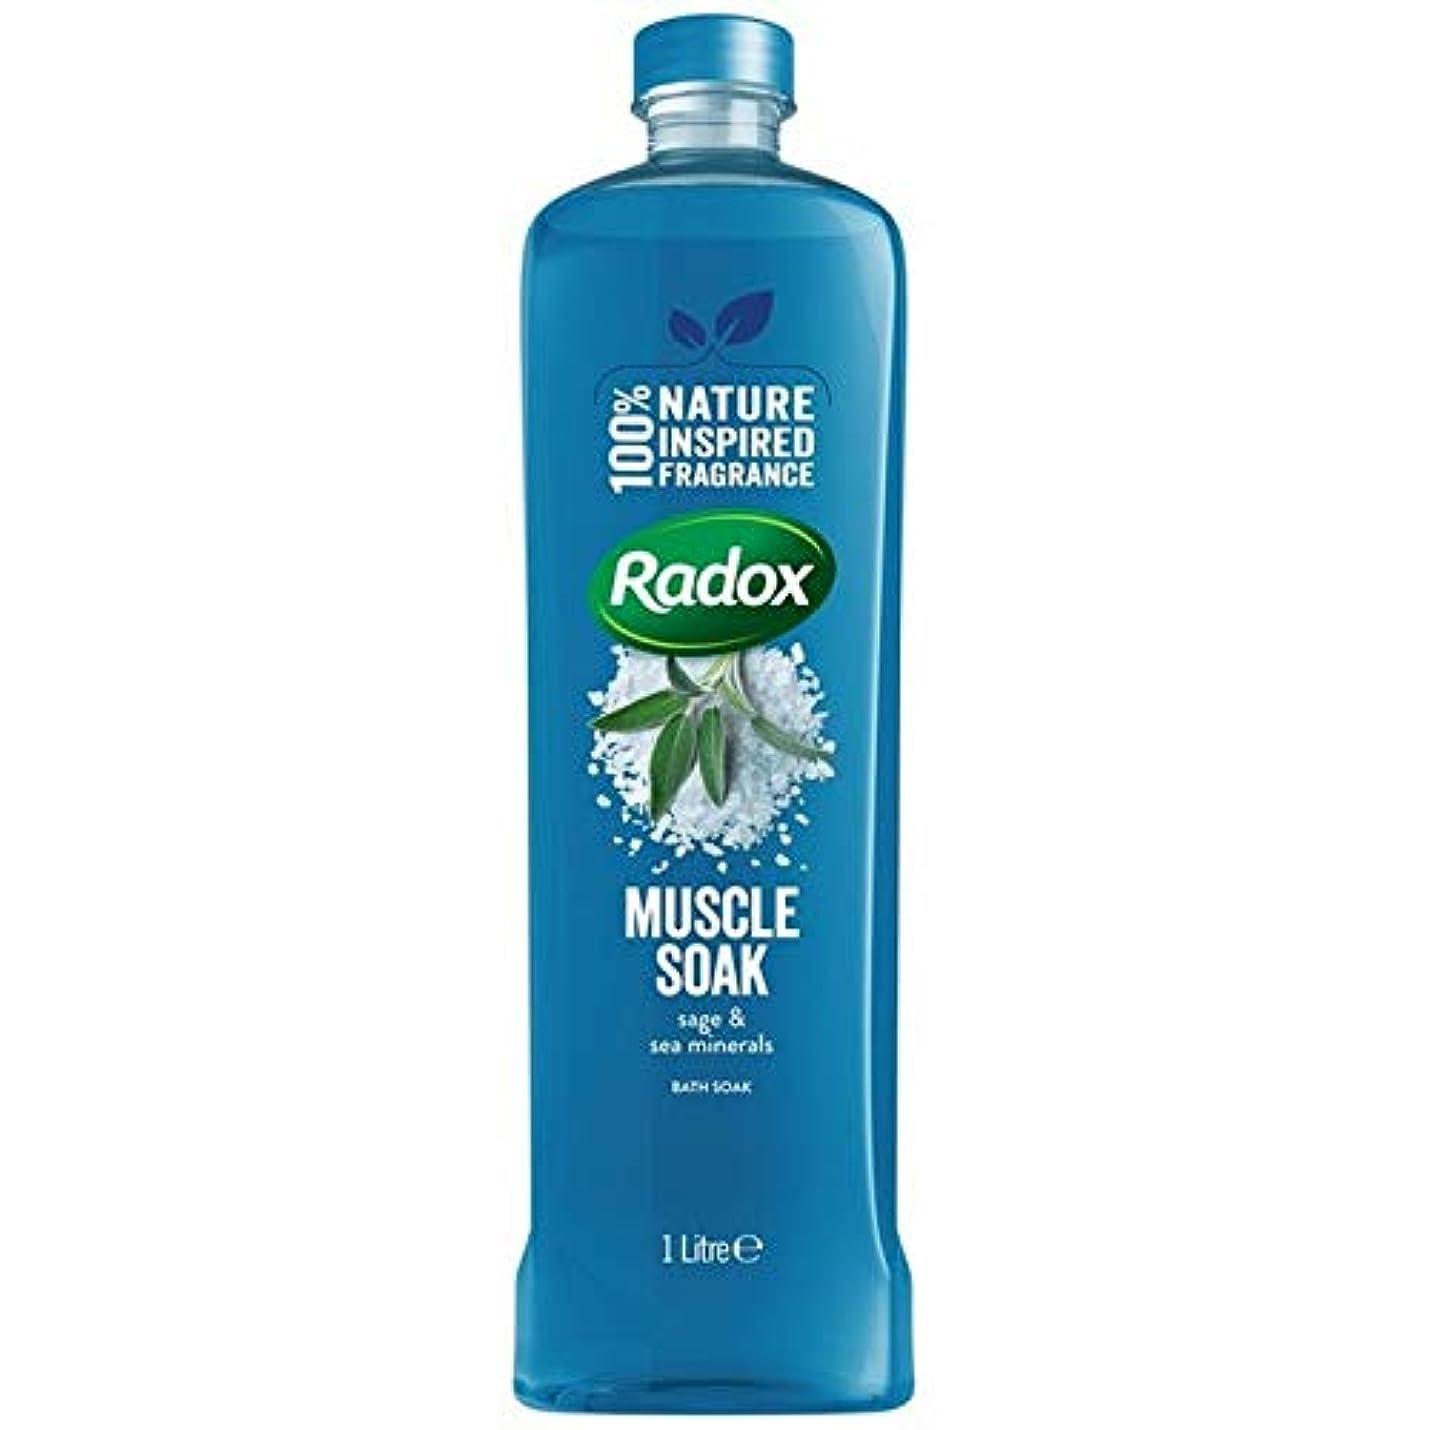 関係不適当おとうさん[Radox] Radox筋はセージ&海のミネラルの1リットルに浸し風呂につかります - Radox Muscle Soak Bath Soak with Sage & Sea Minerals 1L [並行輸入品]